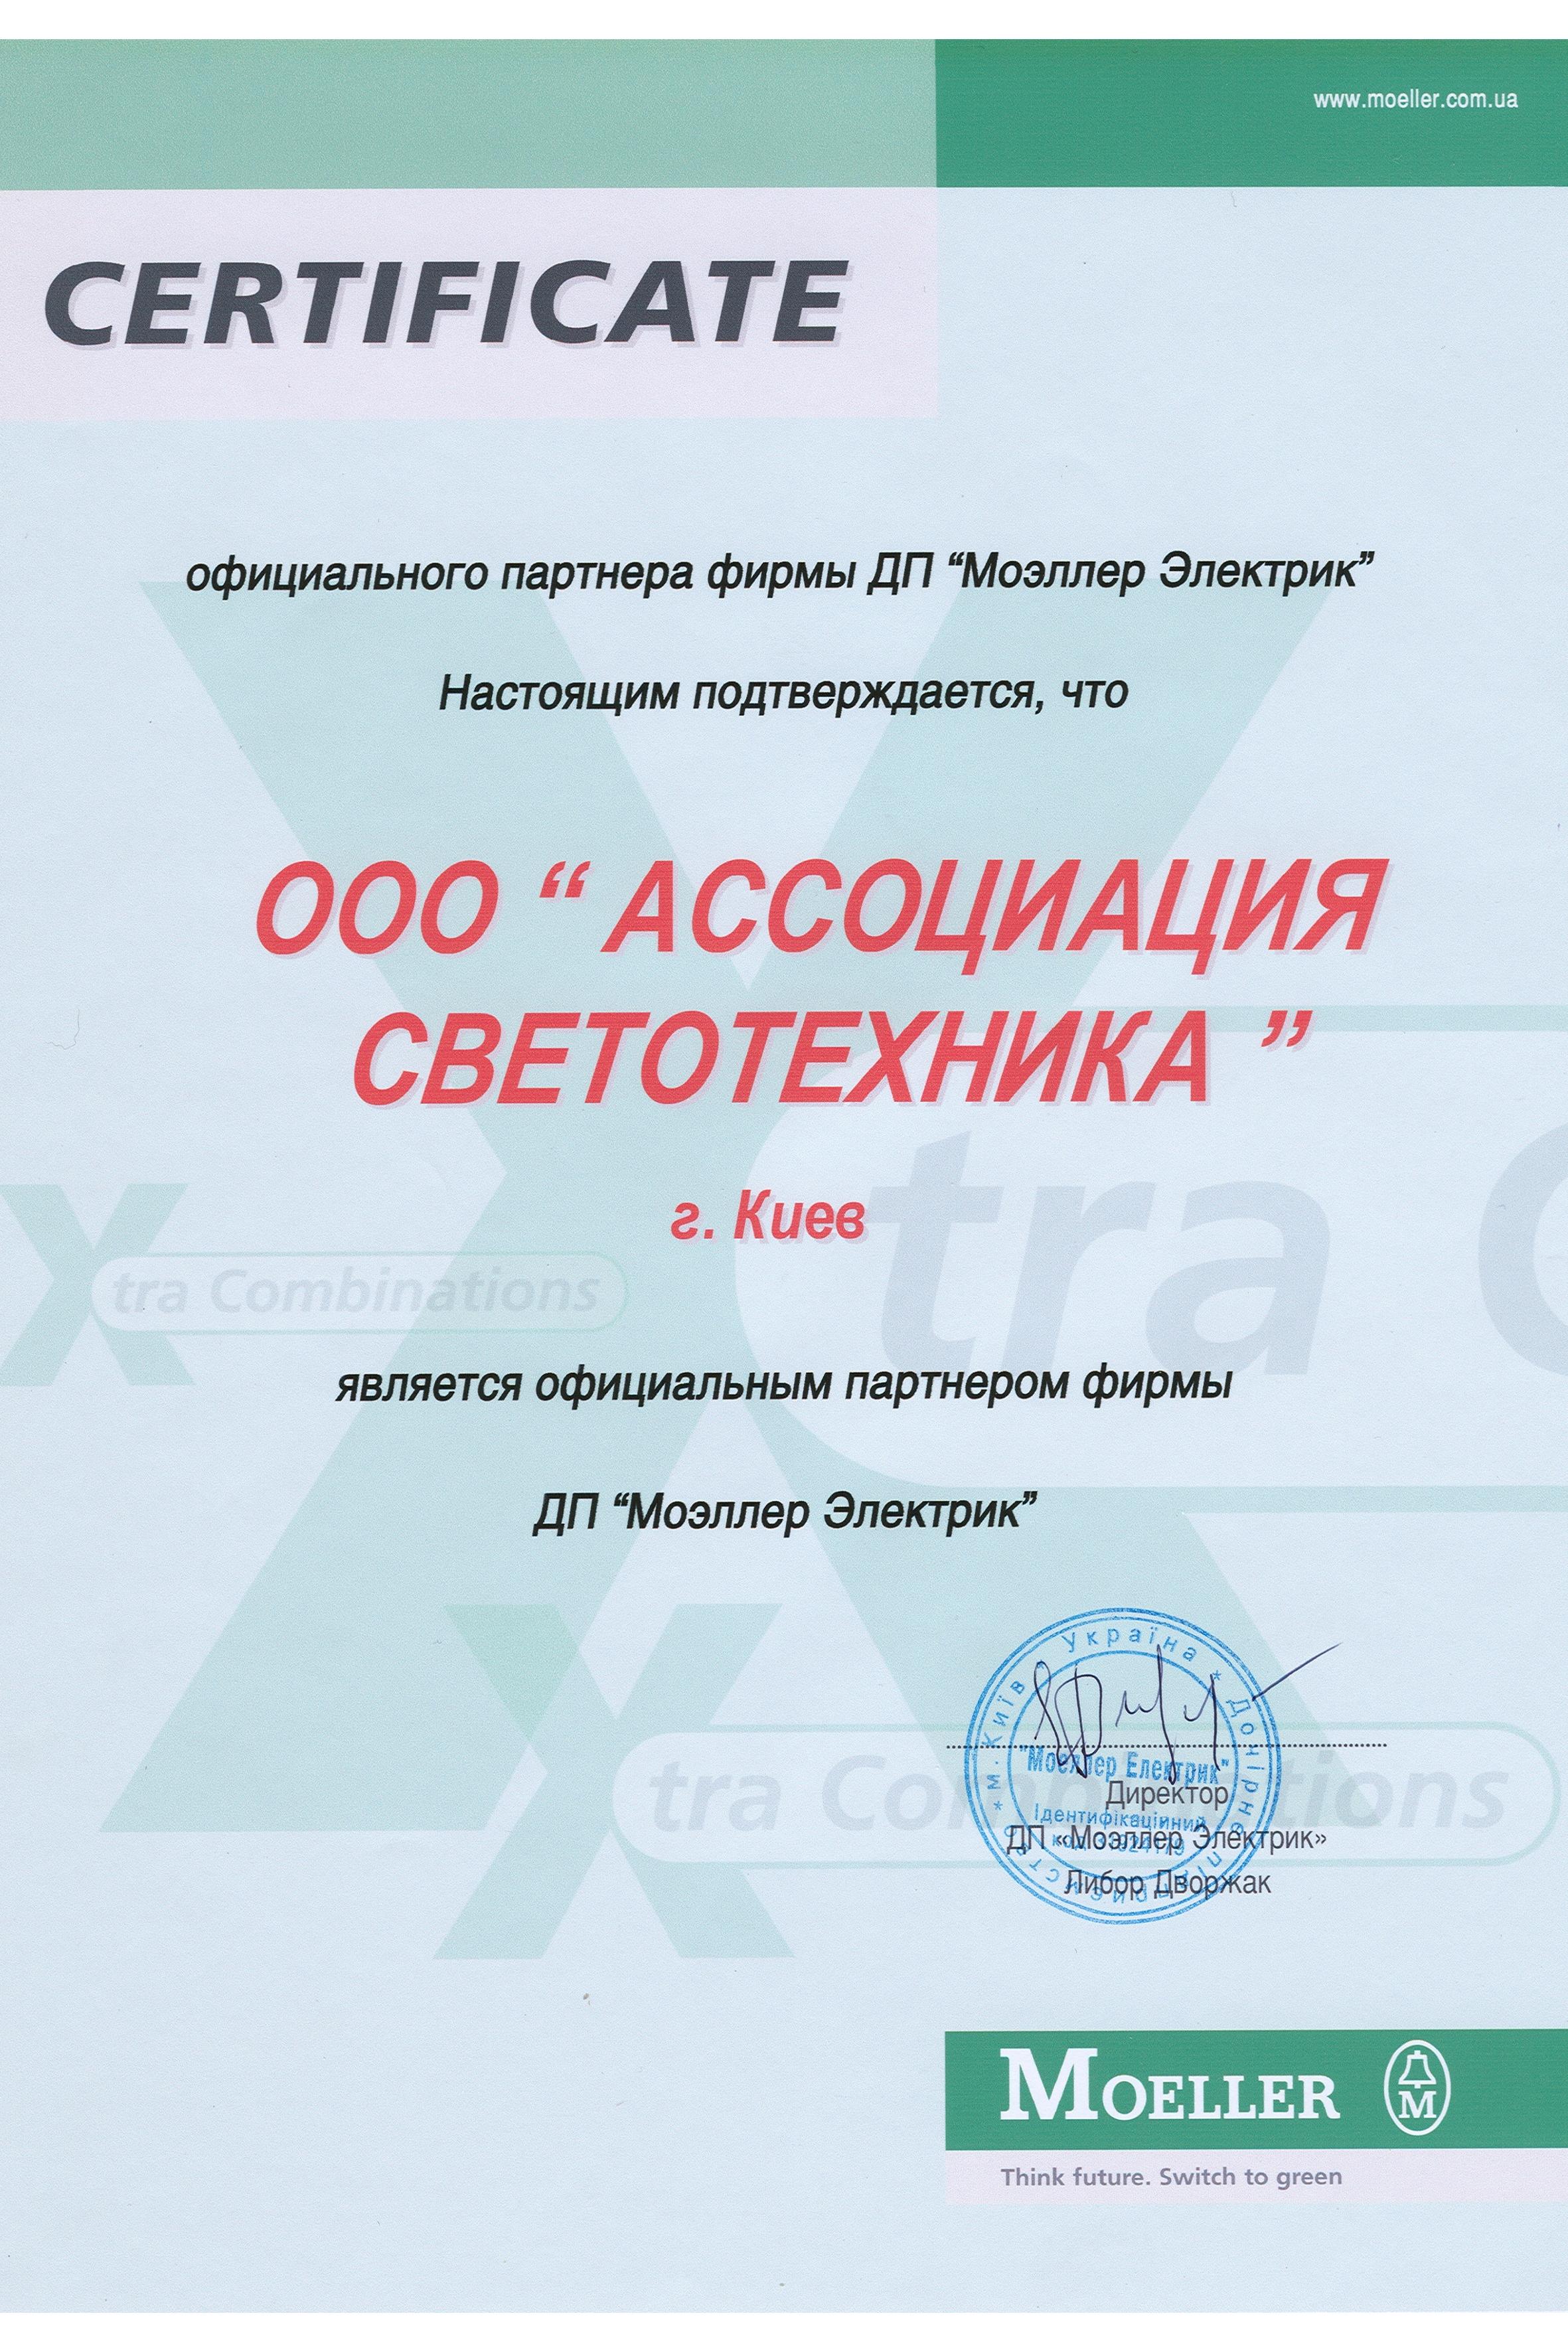 """Sertificate официального партнера фирмы ДП """"Моэллер Электрик"""" подтверждается, что компания Светотехника является официальным партнером фирмы ДП """"Моэллер ЭЛЕКТРИК"""", Киев, Украина"""